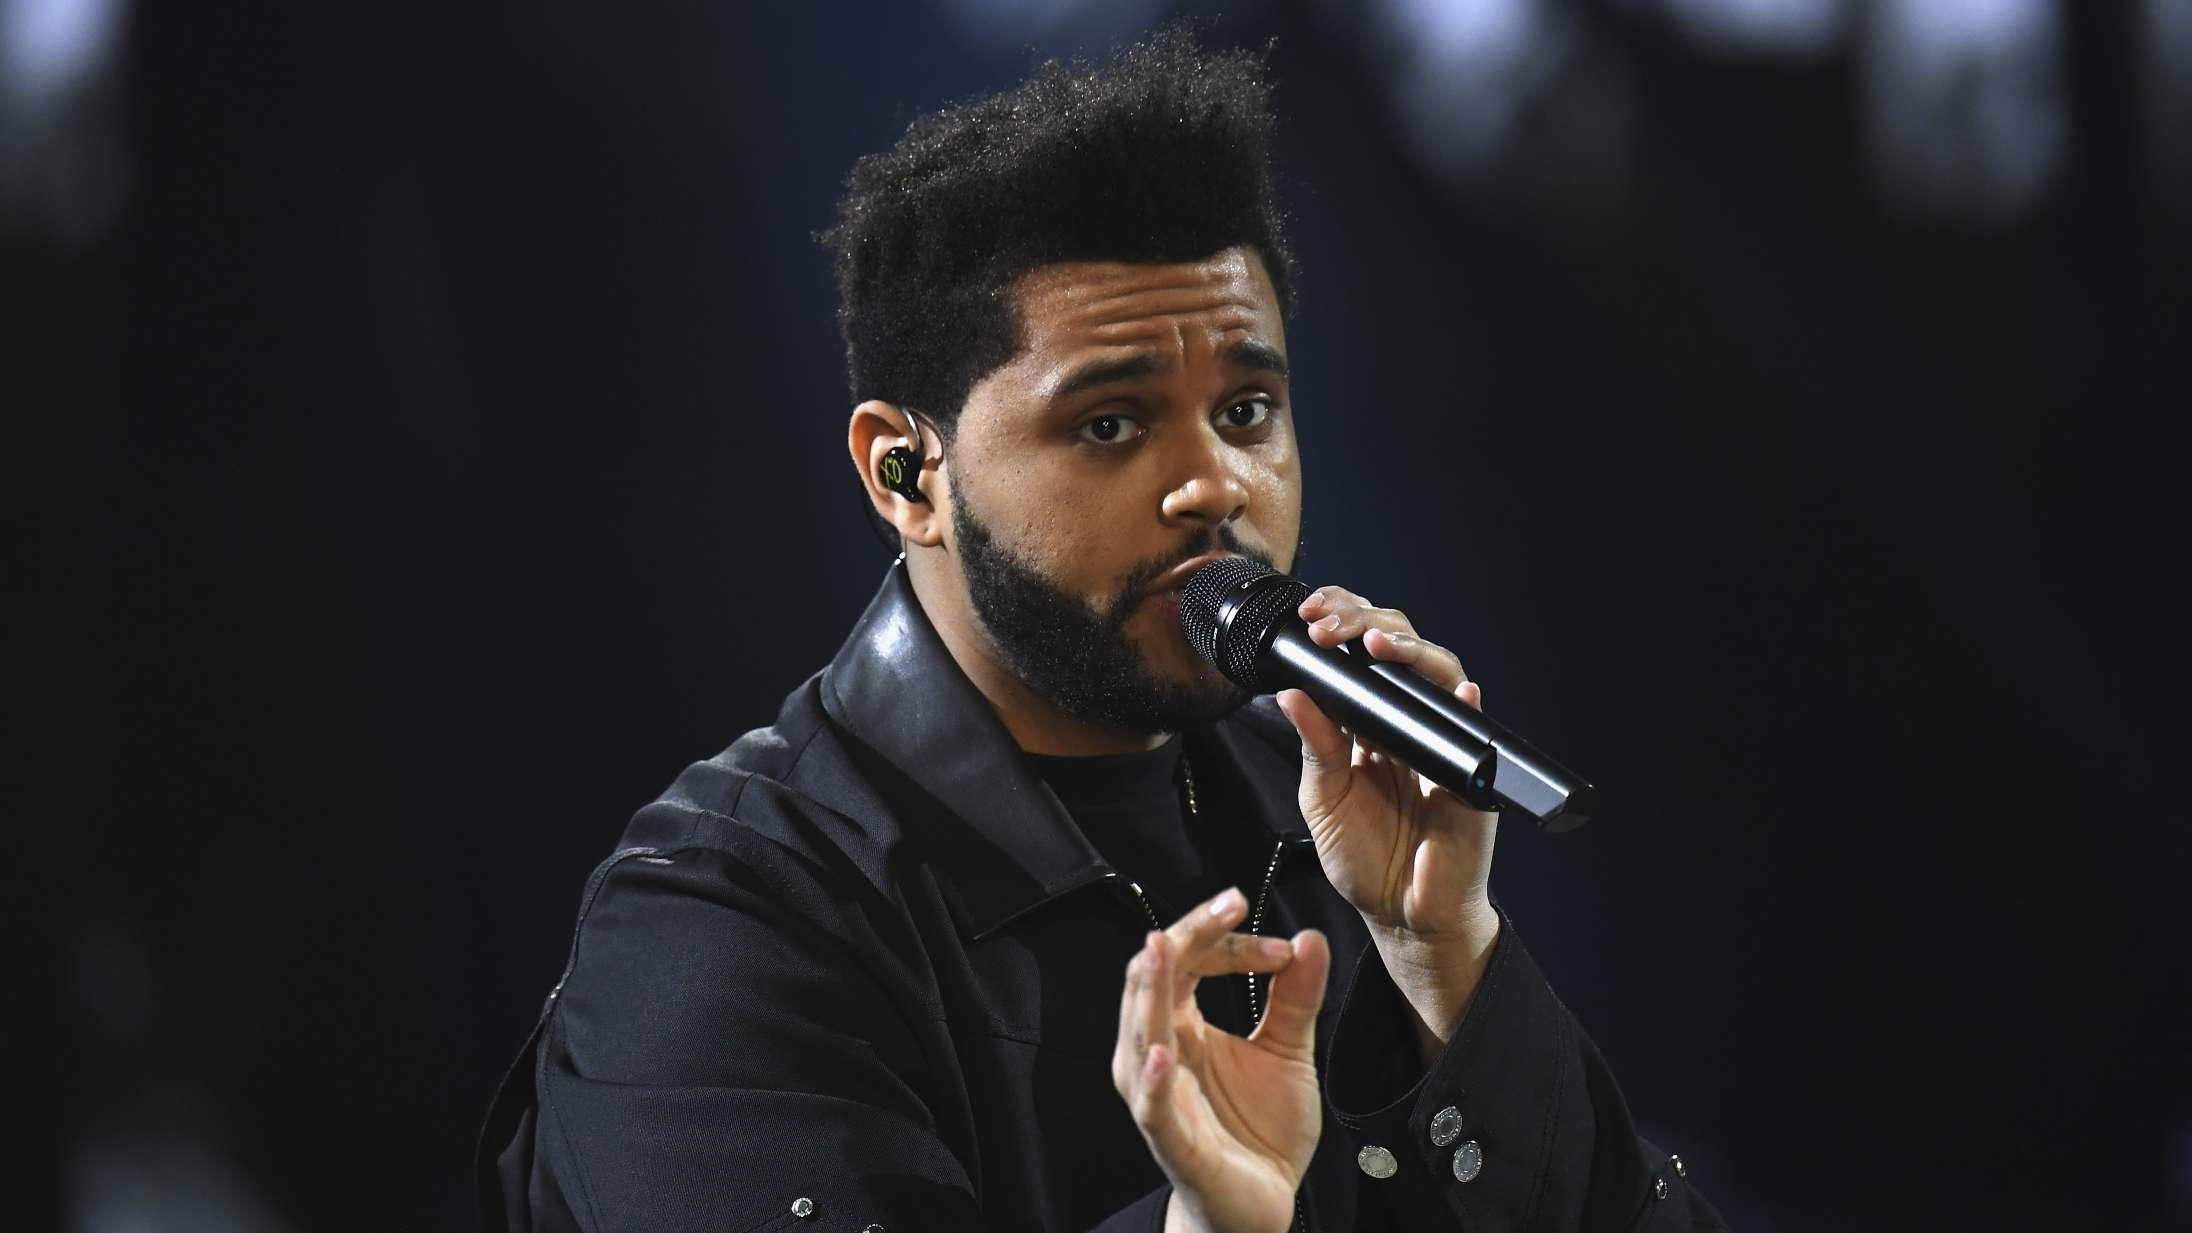 Alle The Weeknds udgivelser rangeret fra værst til bedst